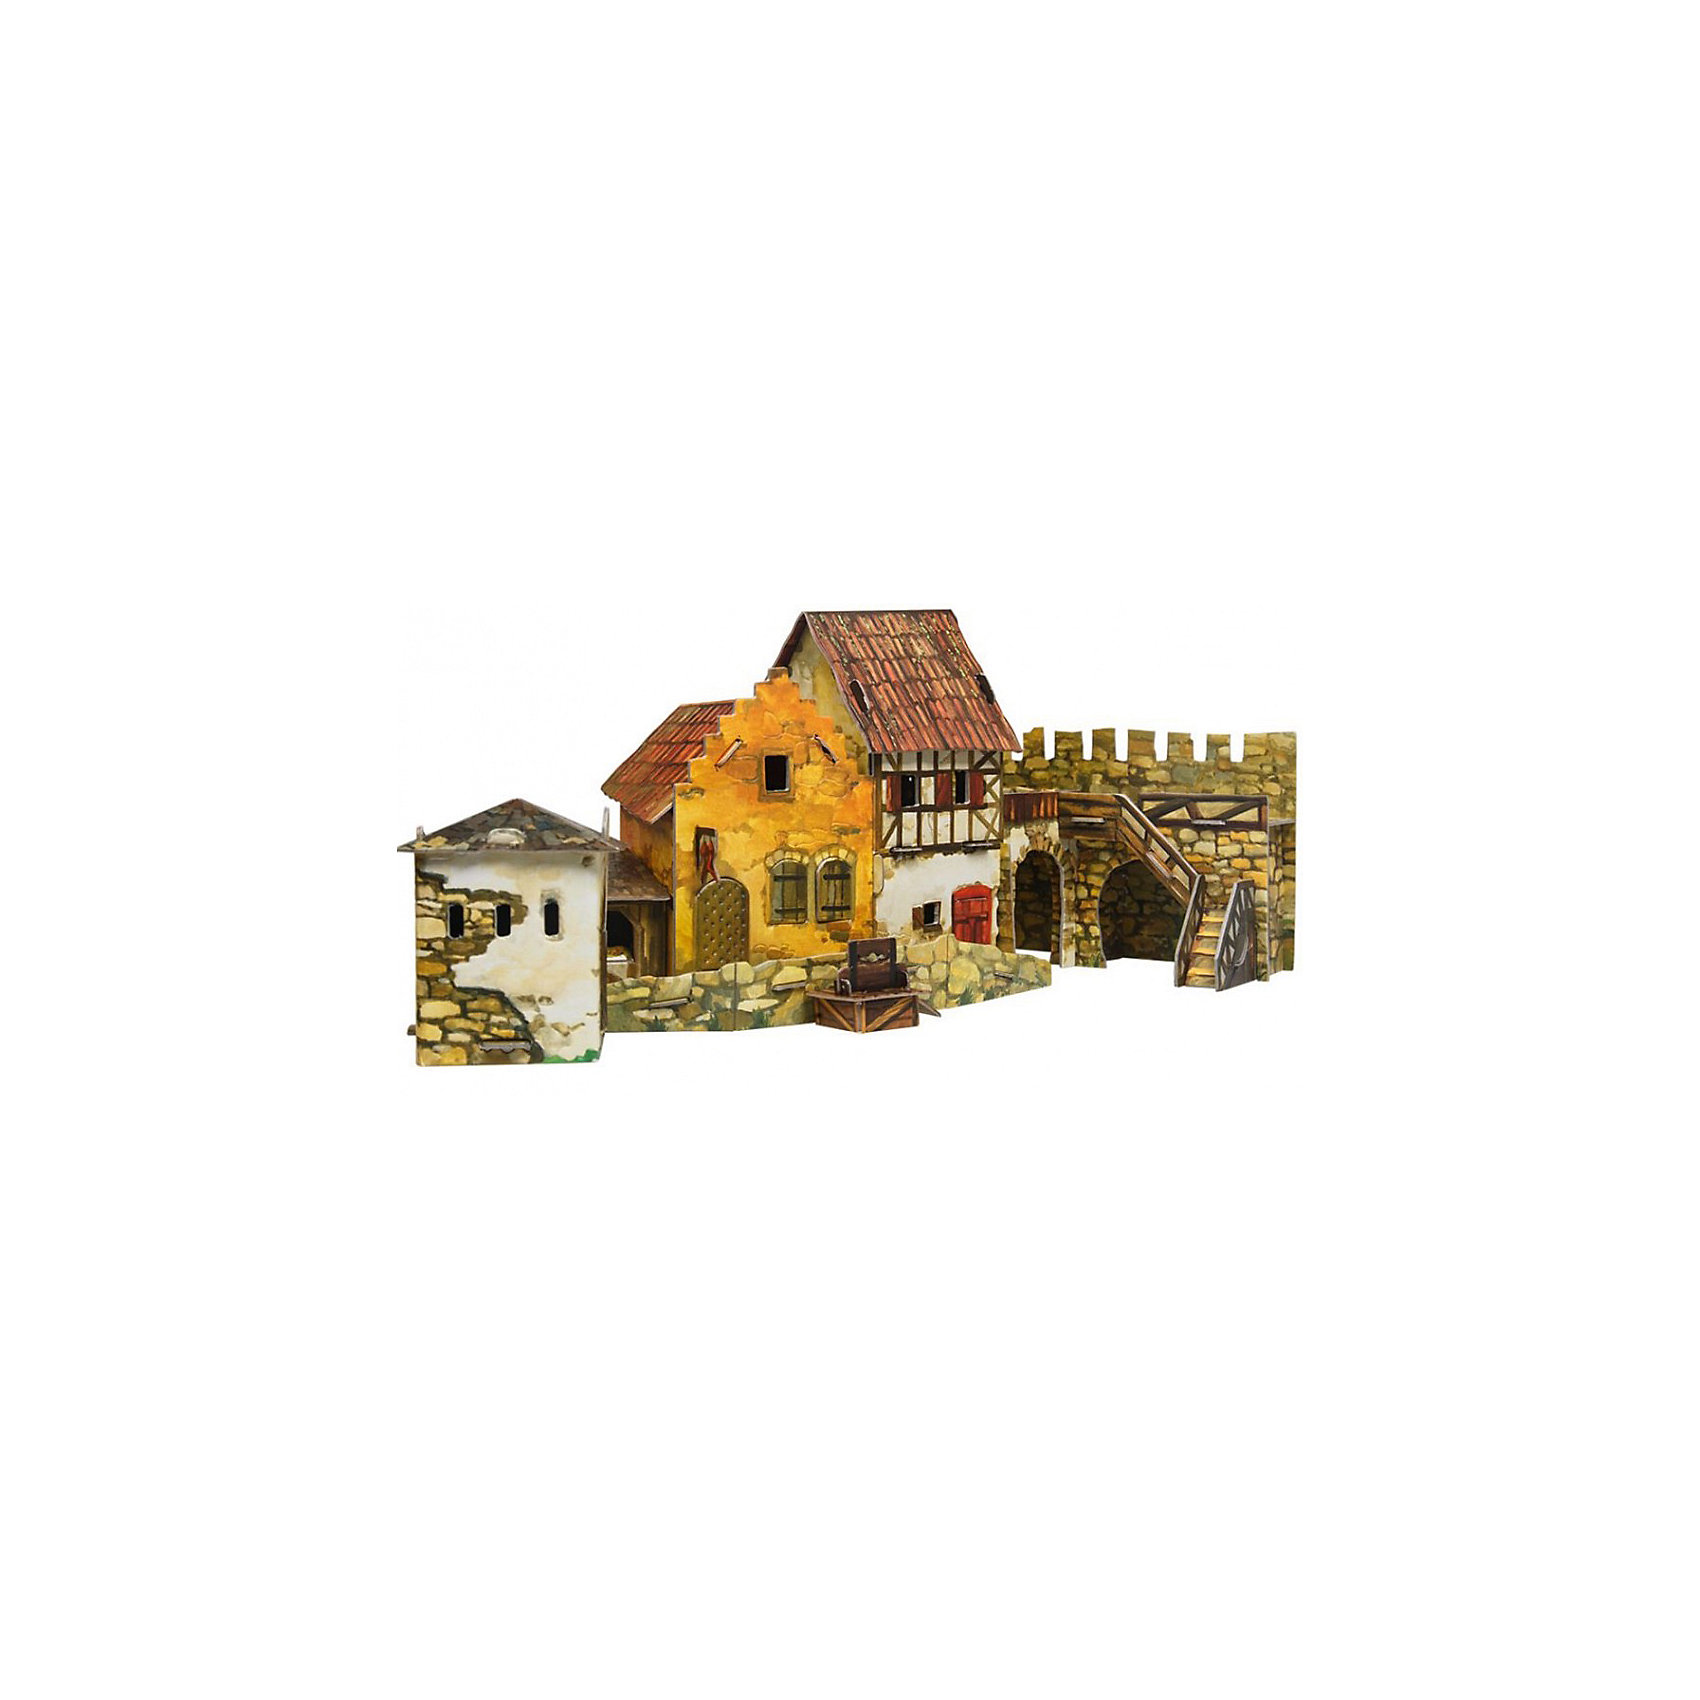 Сборная модель Городская площадь: РынокБумажные модели<br>Городская площадь. Рынок - Сюжетный игровой набор из плотного картона. Серия: Средневековый город. Количество деталей, шт: . Размер в собранном виде, см: . Размер упаковки, мм.:  высота 368 ширина 252 глубина 23. Тип упаковки: Картонная коробка. Вес, гр.: 448. Возраст: от 7 лет. Все модели и игрушки, созданные по технологии УМНАЯ БУМАГА собираются без ножниц и клея, что является их неповторимой особенностью.<br>Принцип соединения деталей запатентован. Соединения деталей продуманы и просчитаны с такой точностью, что при правильной сборке с моделью можно играть, как с обычной игрушкой.<br><br>Ширина мм: 252<br>Глубина мм: 23<br>Высота мм: 368<br>Вес г: 448<br>Возраст от месяцев: 84<br>Возраст до месяцев: 2147483647<br>Пол: Унисекс<br>Возраст: Детский<br>SKU: 4807510